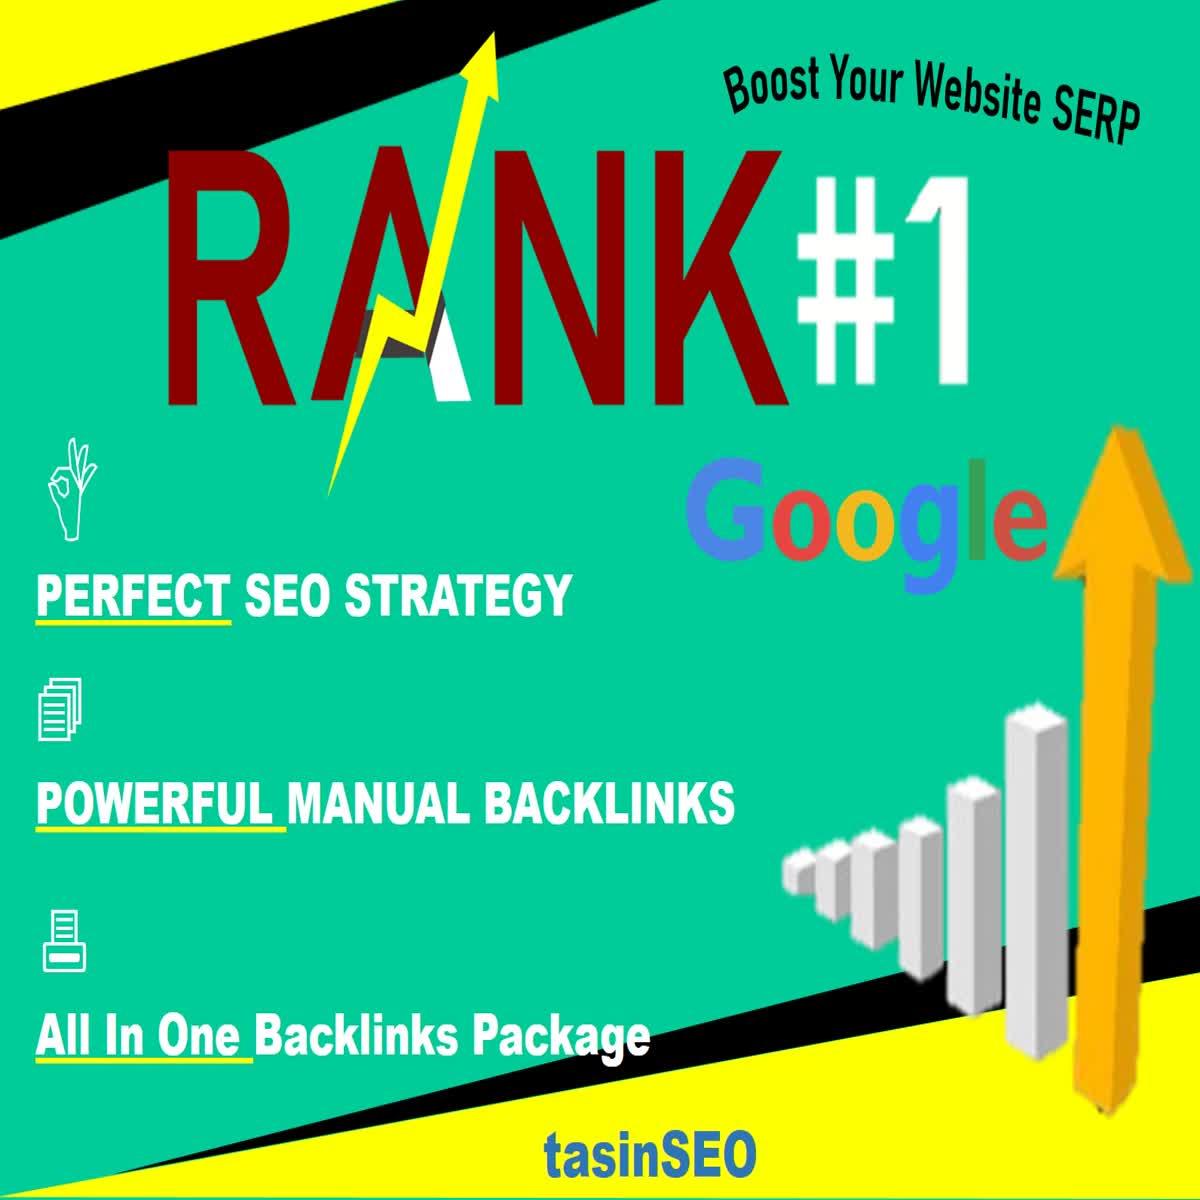 30 Profile Backlinks, 10 Blog Comments, 10 Web 2.0 Backlinks for